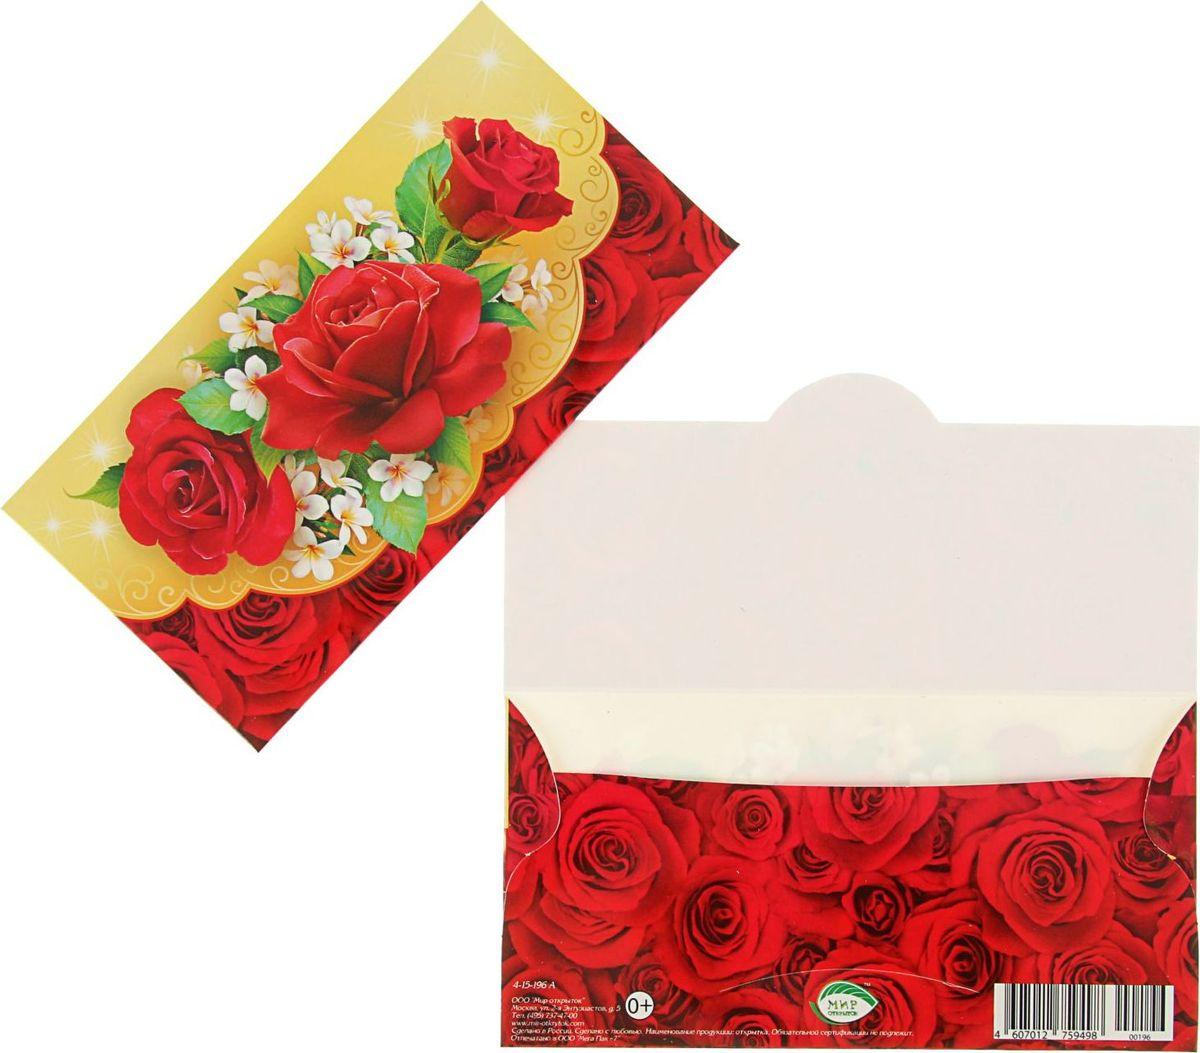 Конверт для денег Мир открыток Универсальный. Красные розы, 16,4 х 8,4 см2061569Невозможно представить нашу жизнь без праздников! Мы всегда ждём их и предвкушаем, обдумываем, как проведём памятный день, тщательно выбираем подарки и аксессуары, ведь именно они создают и поддерживают торжественный настрой. Этот конверт - отличный выбор, который привнесёт атмосферу праздника в ваш дом!